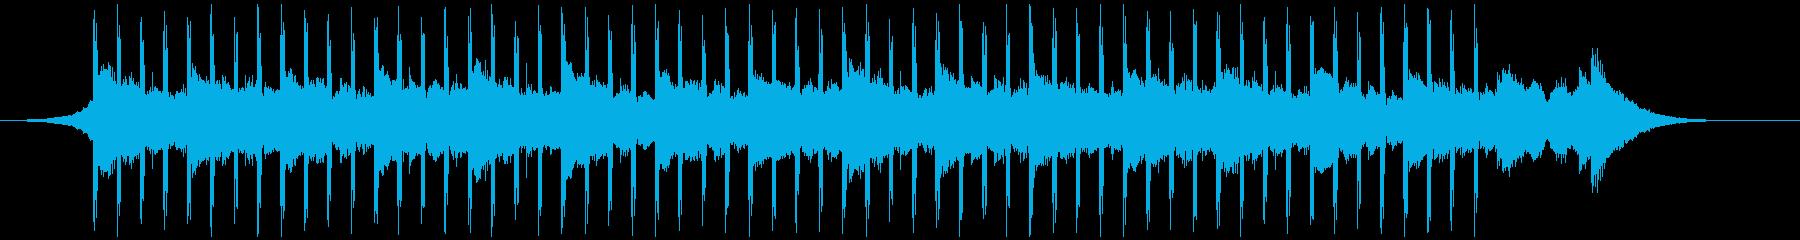 スタートアップ(40秒)の再生済みの波形